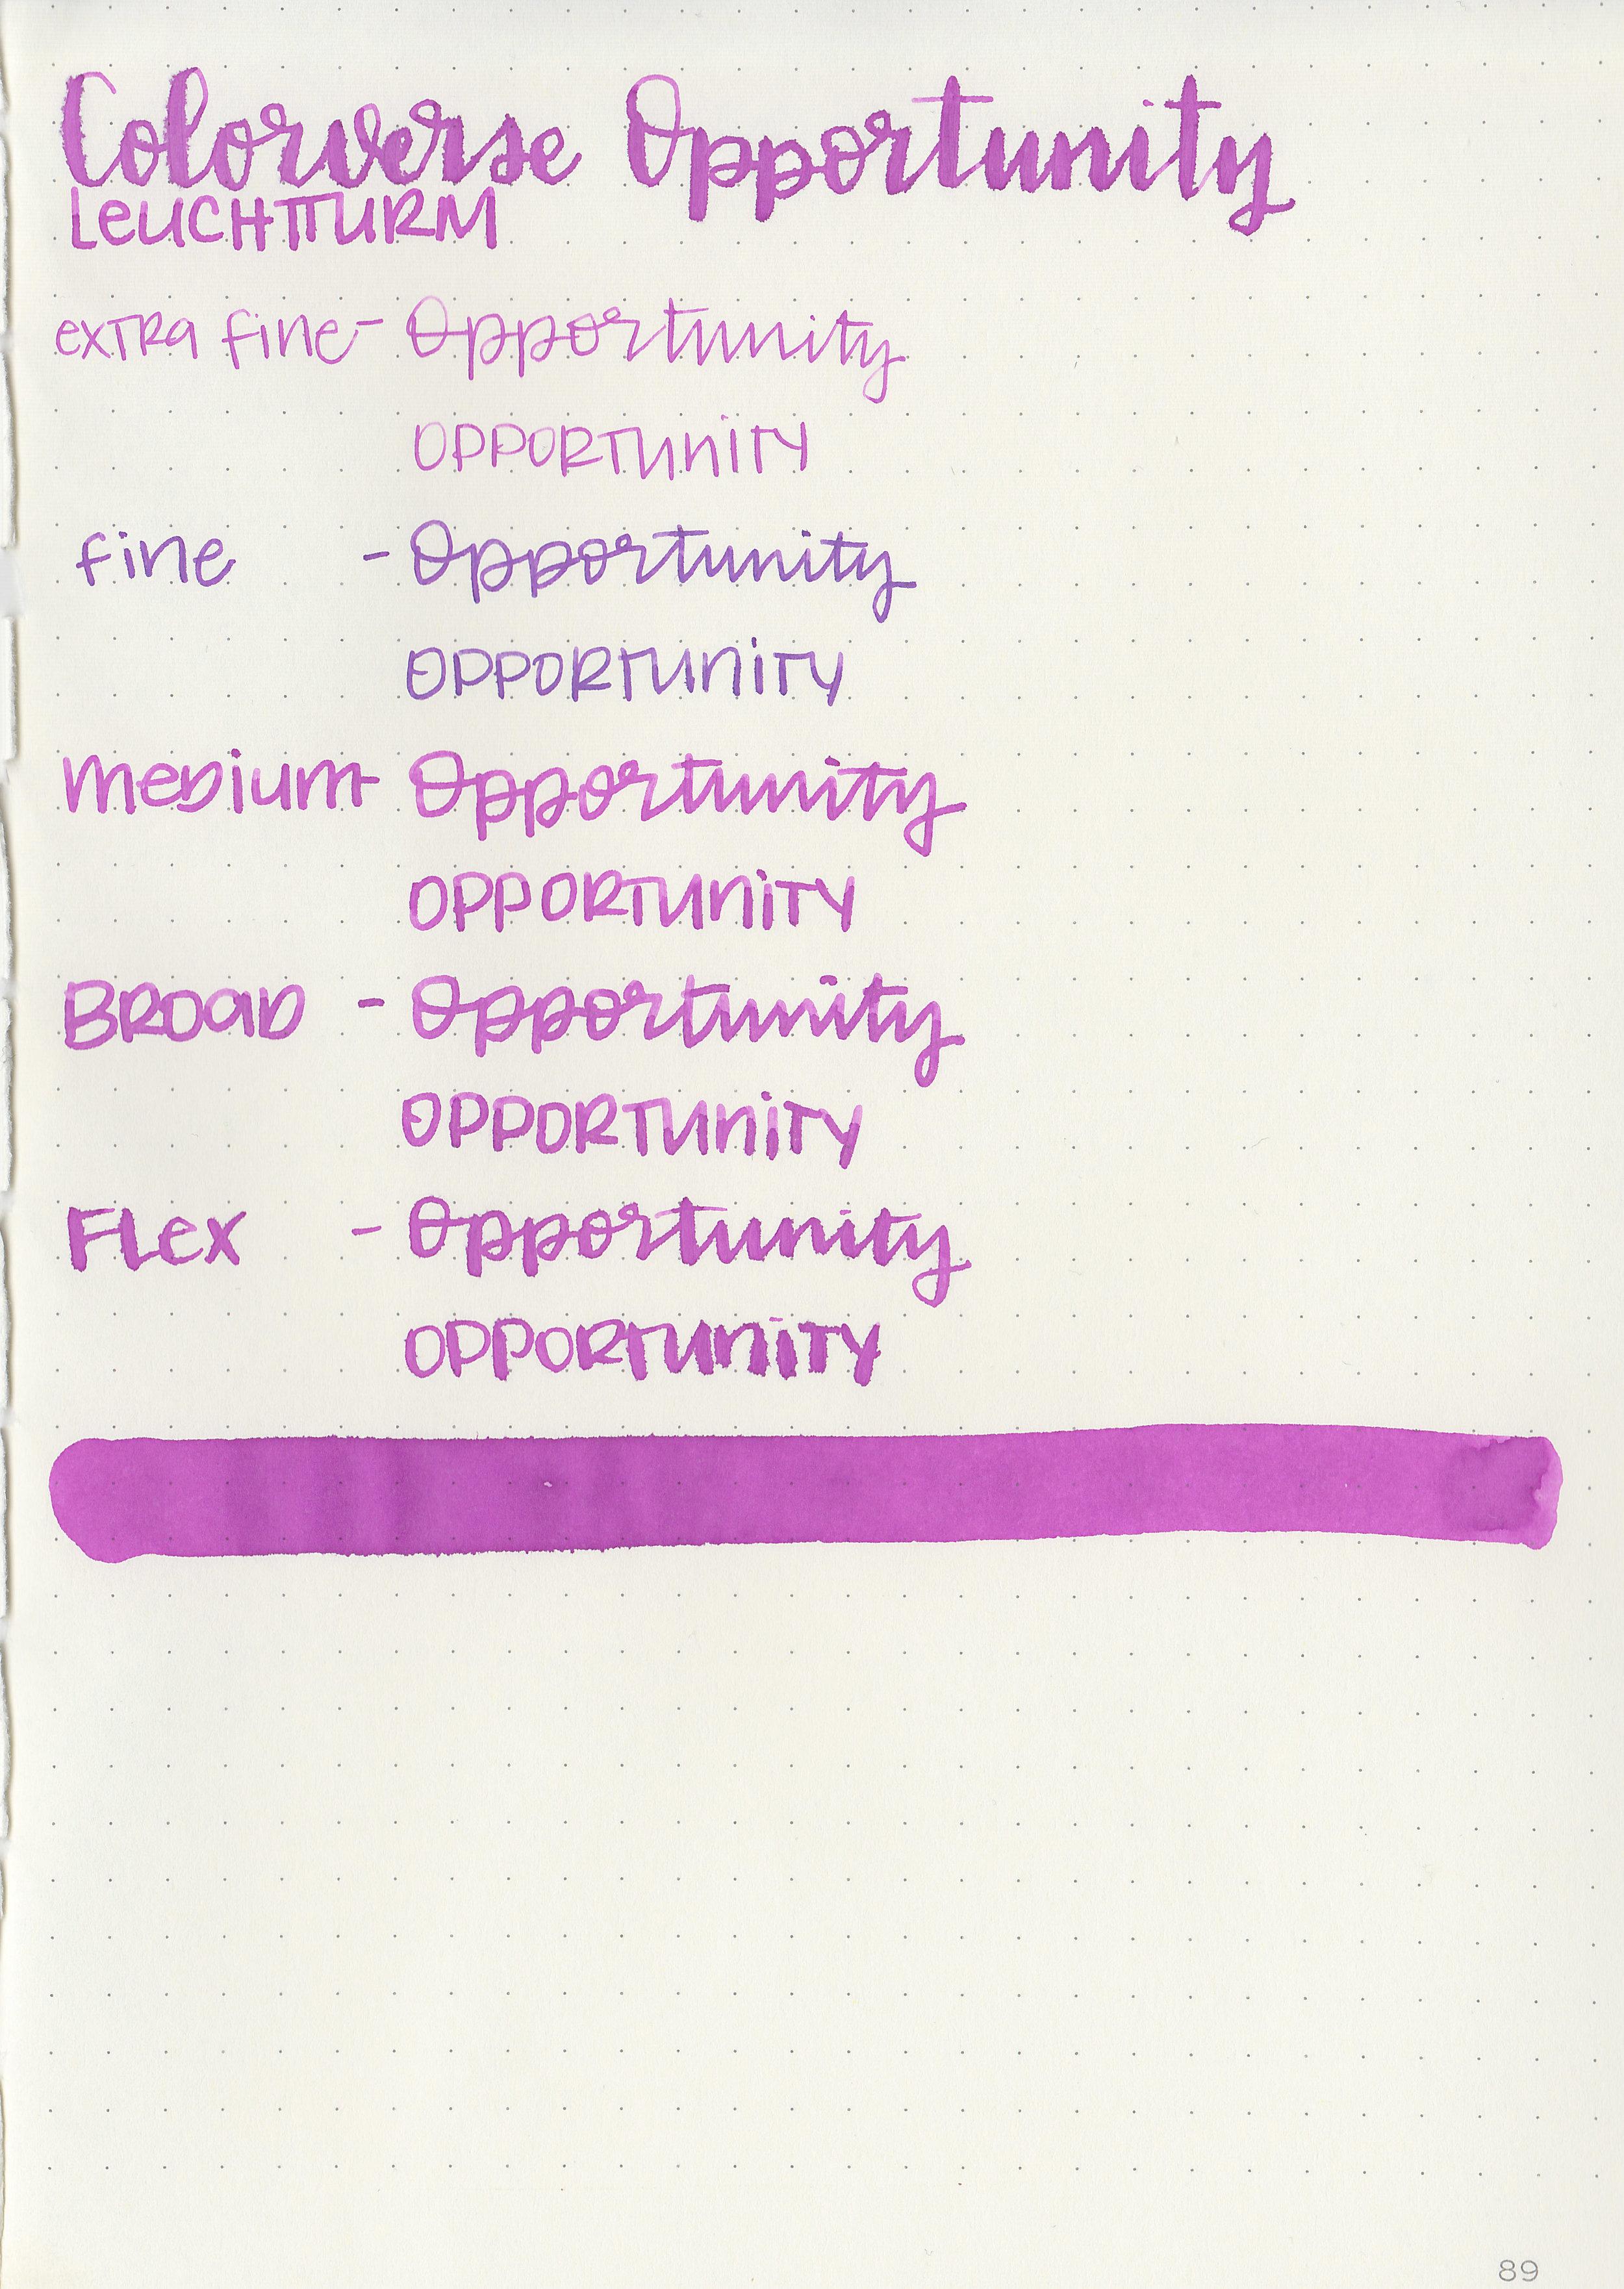 cv-opportunity-10.jpg